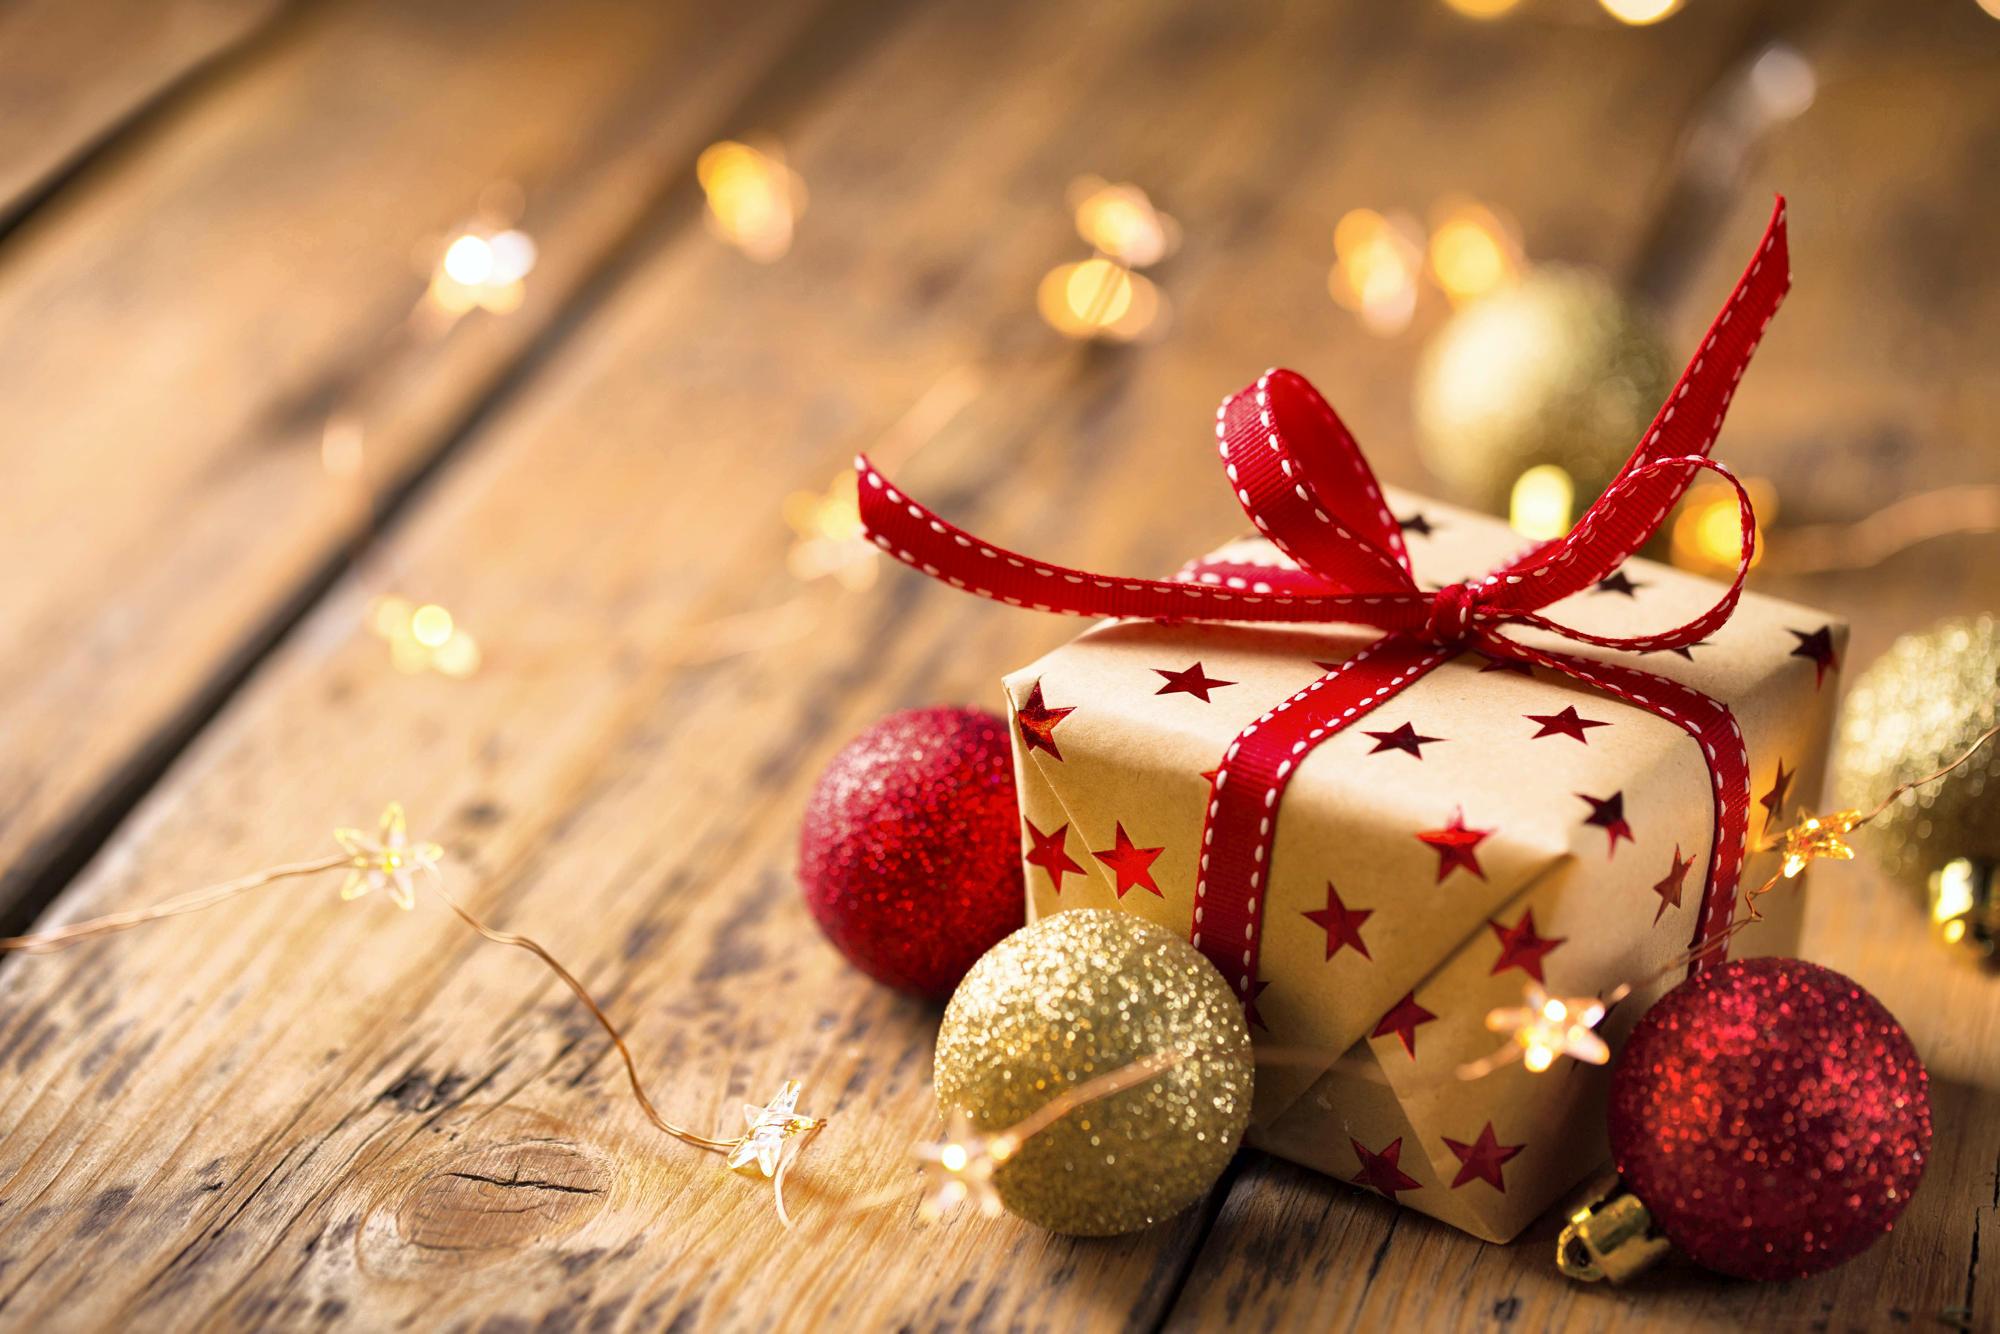 Cadeaux de Noël : quelle fiscalité ? | Dossier Familial